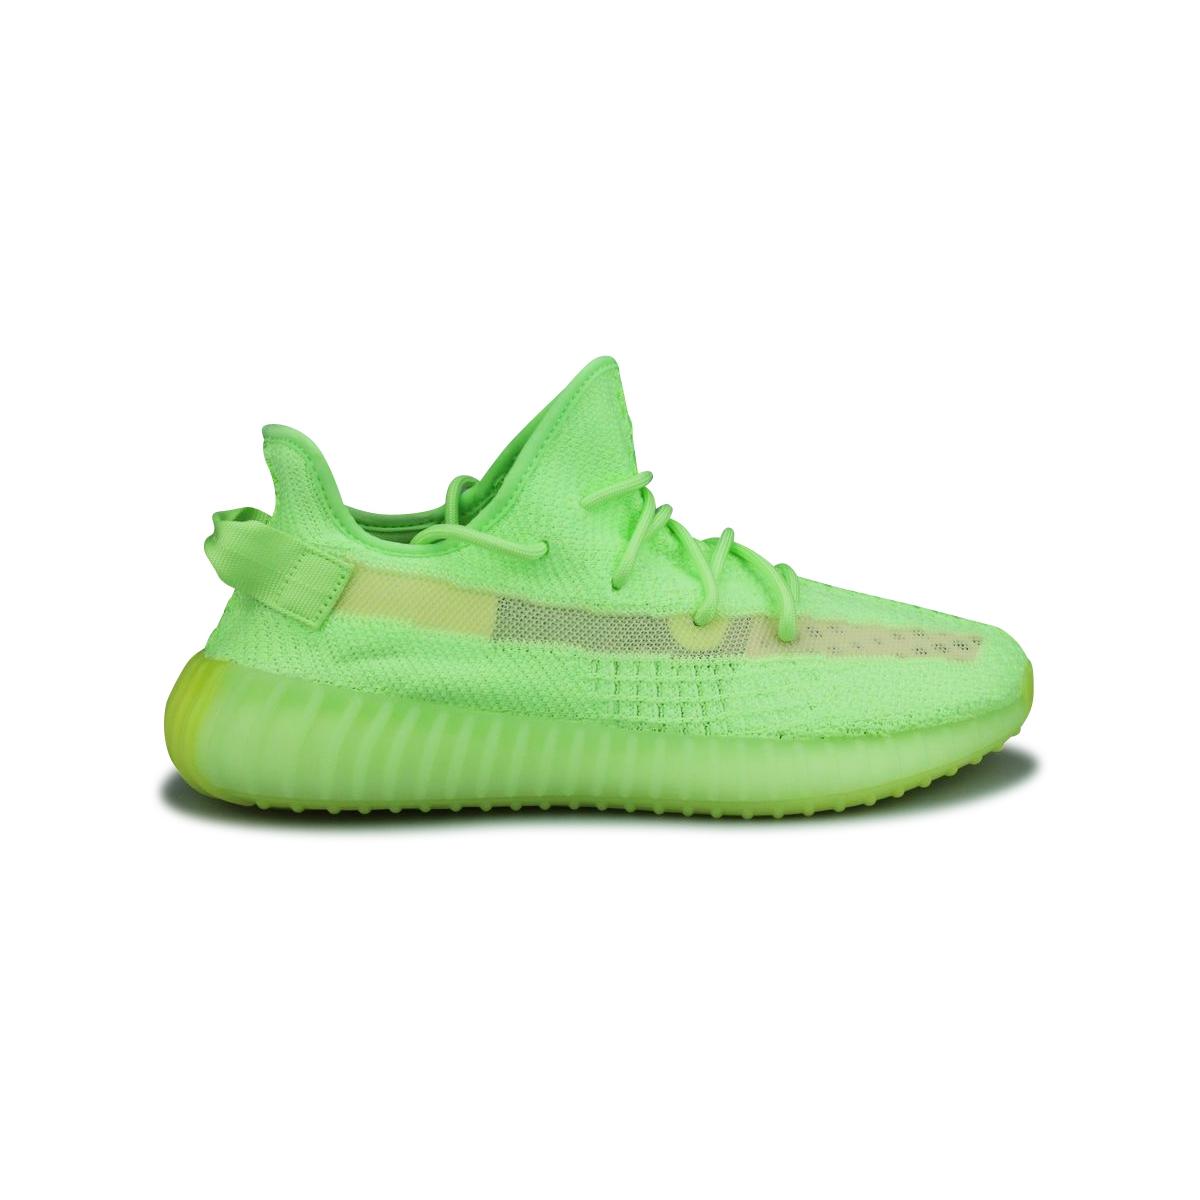 Adidas Yeezy 350 vert fluo qui brille dans le noir (2019